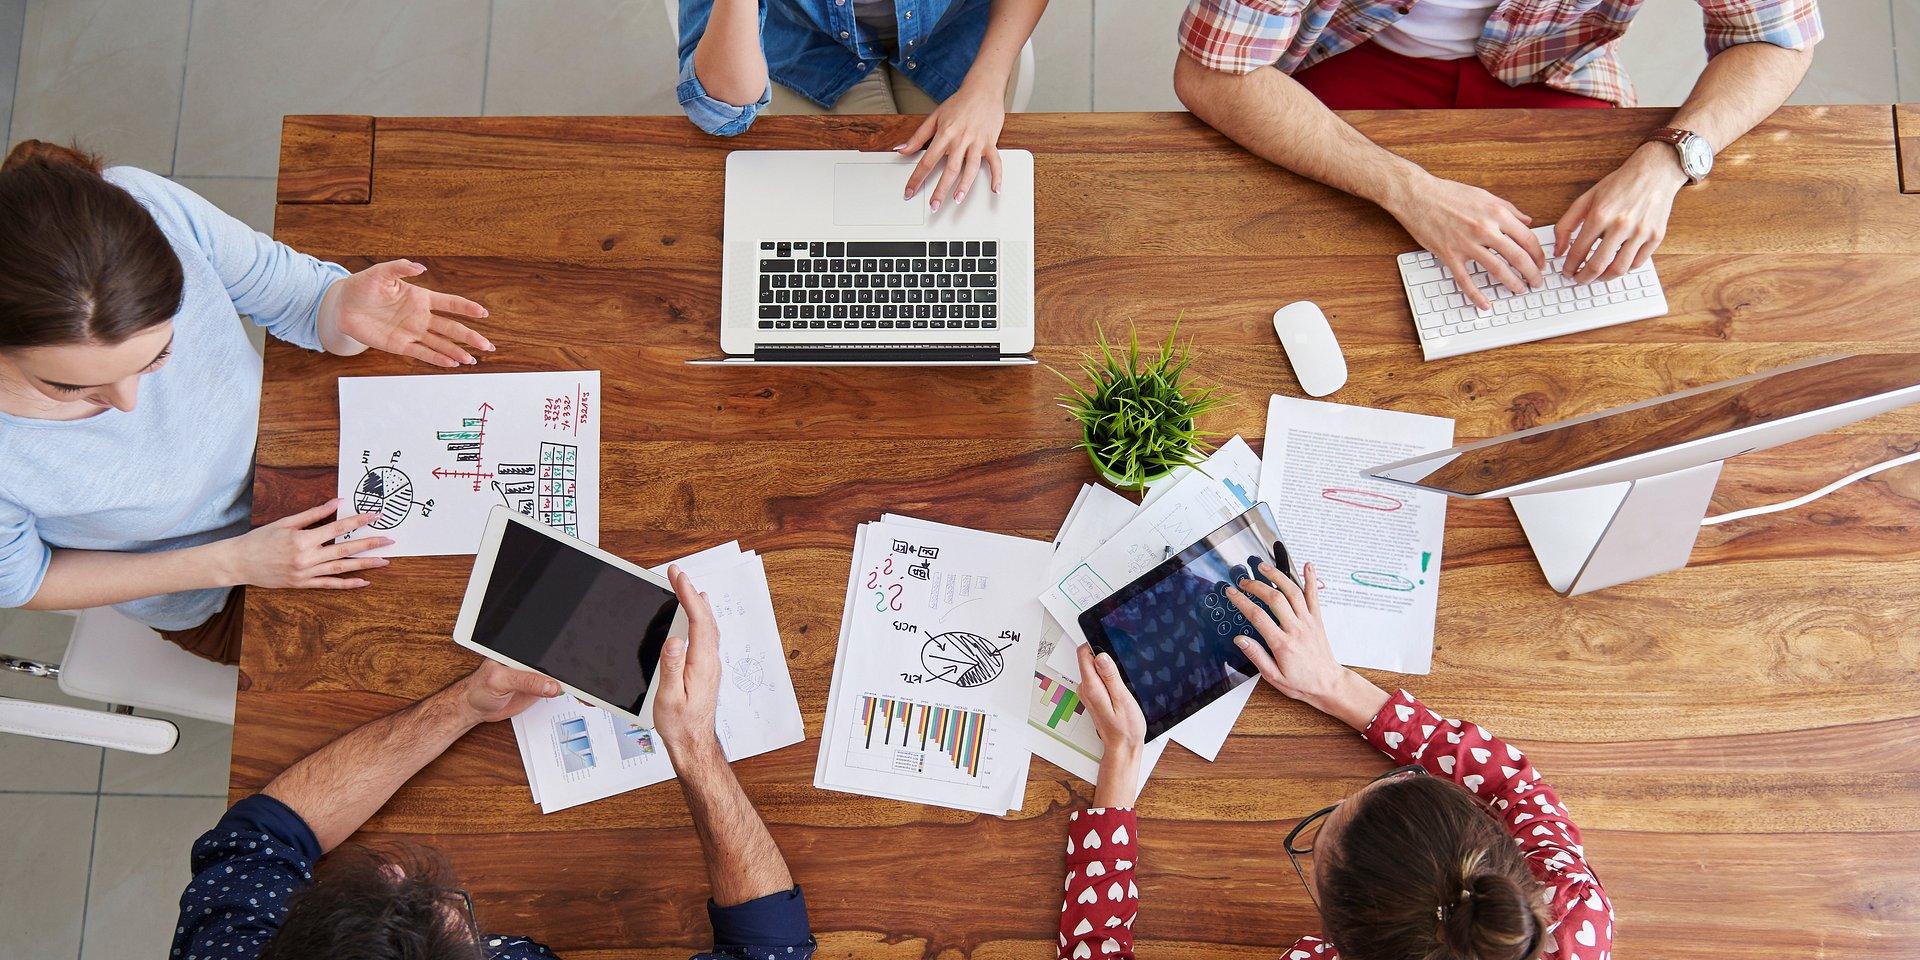 Ponad 600 start-upów z Pomorza skorzystało z unijnego wsparcia